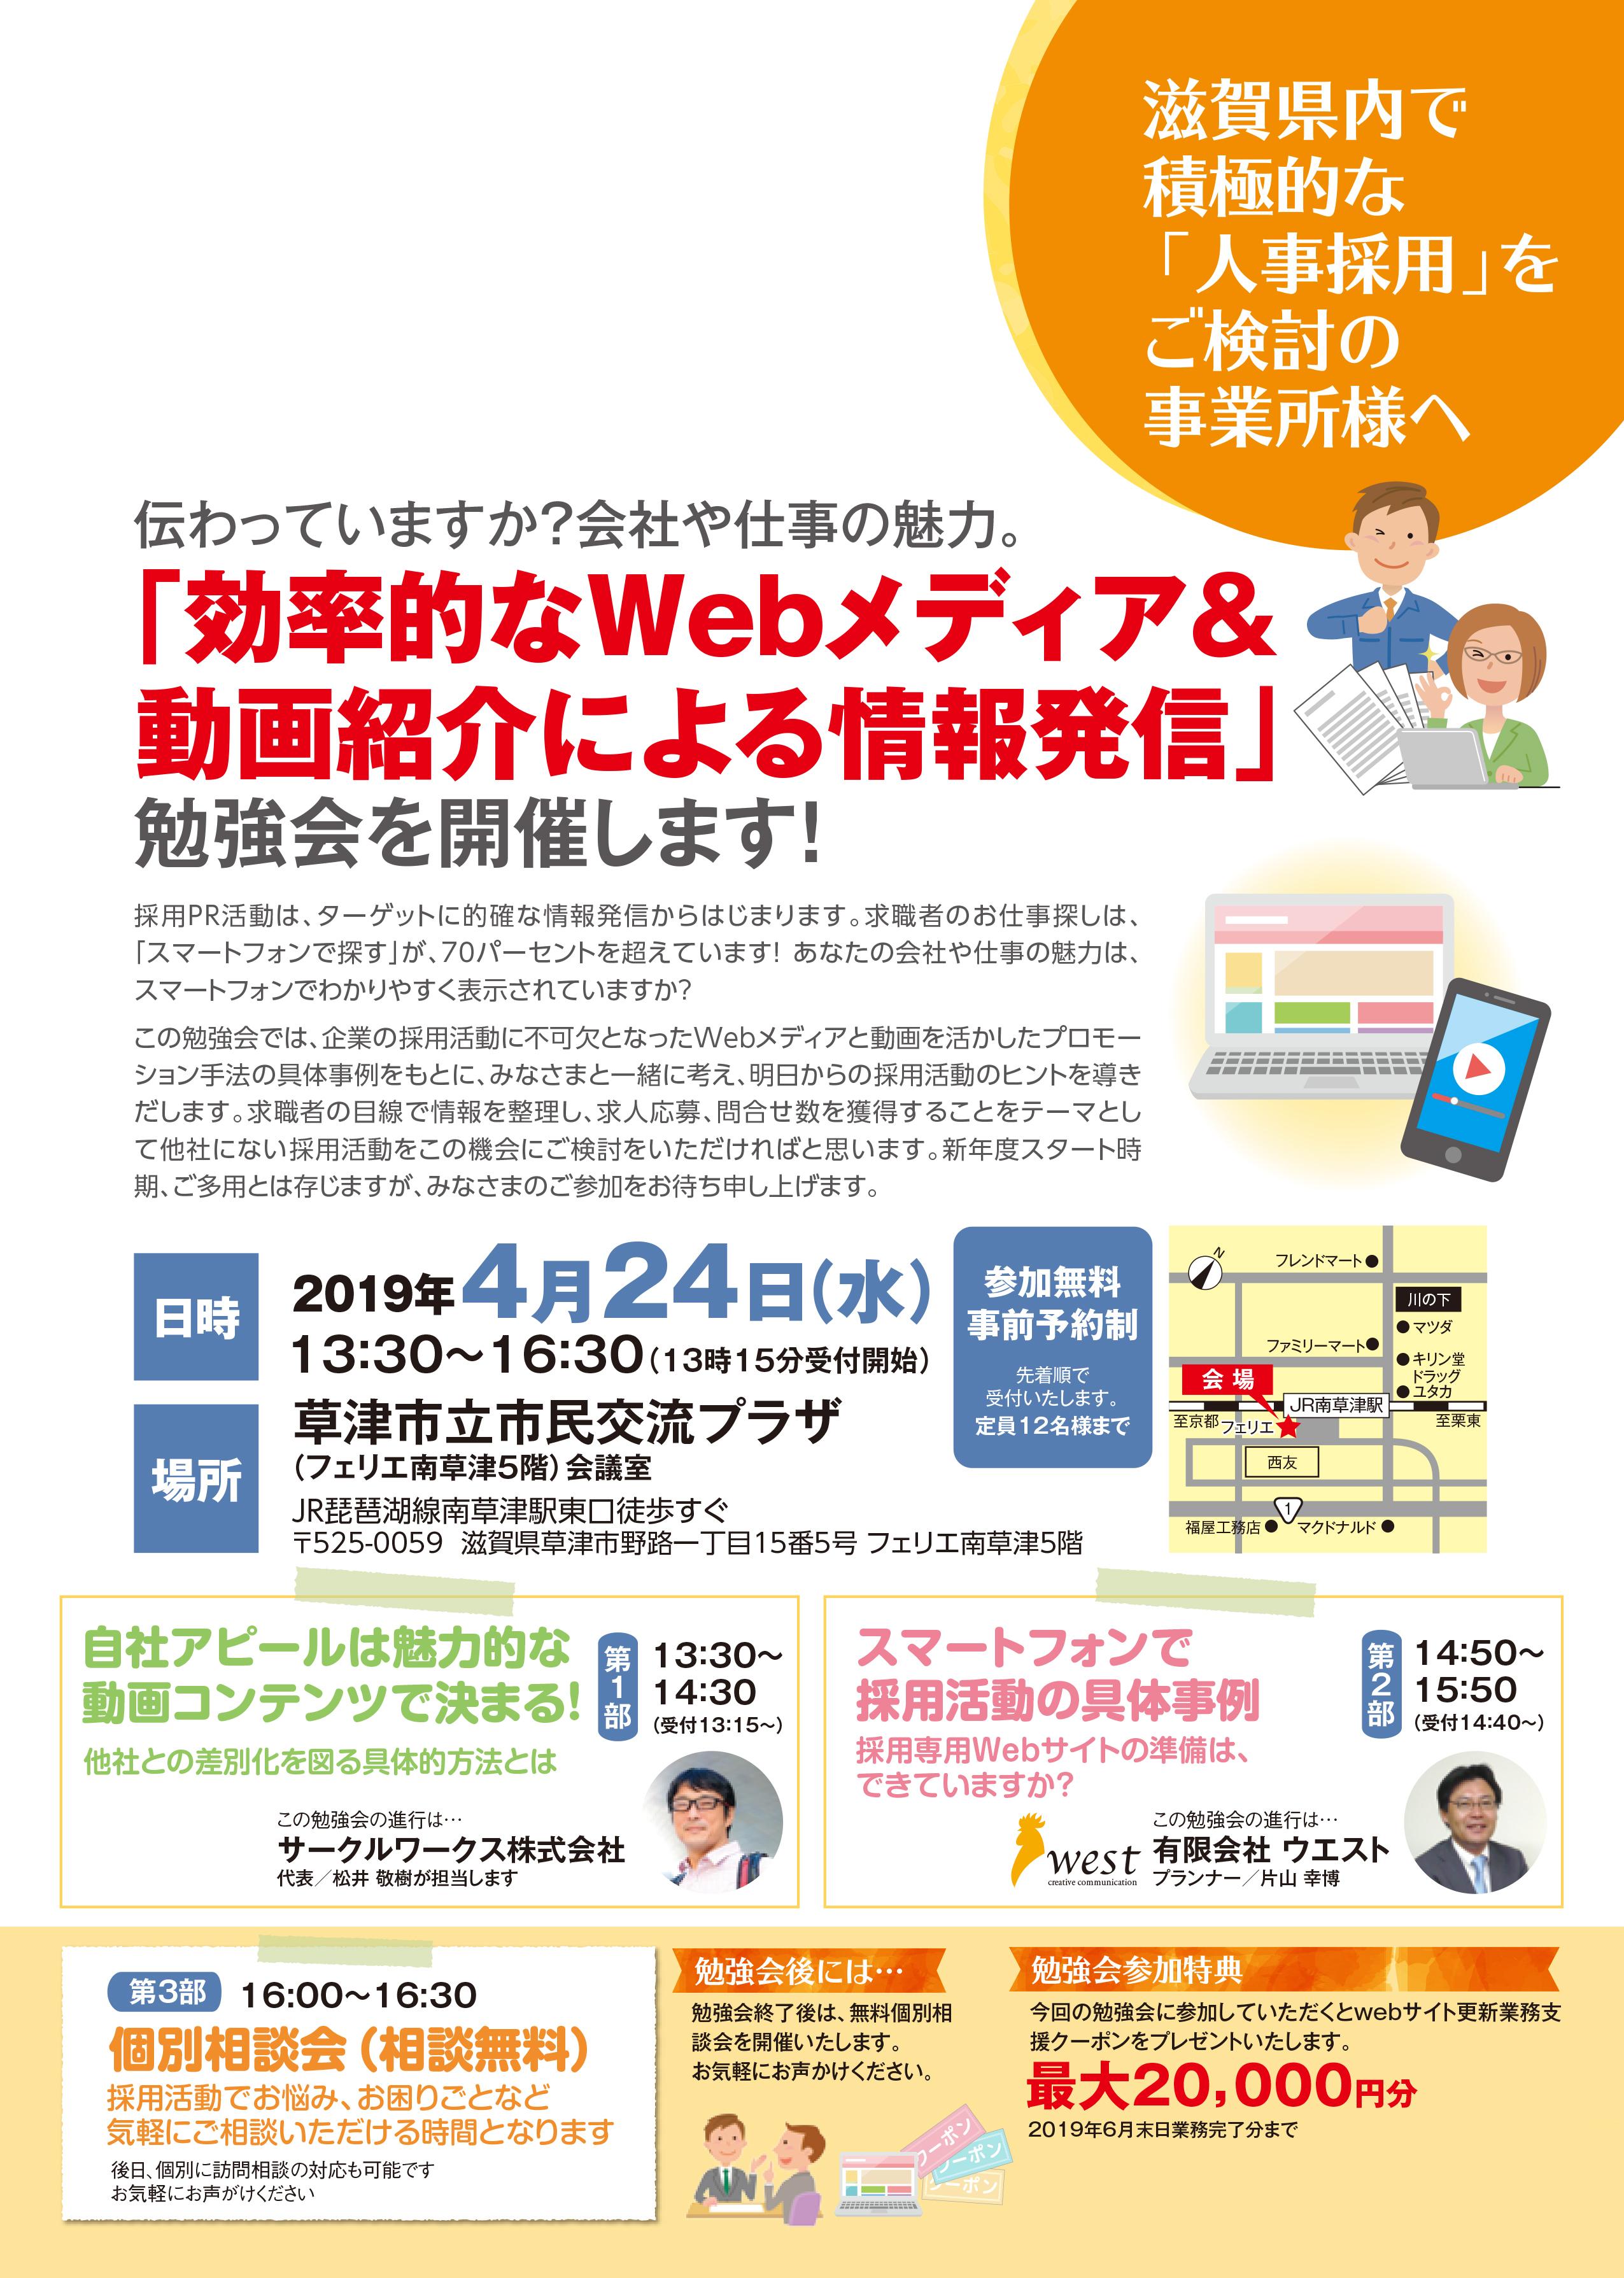 「効率的なWebメディア&動画紹介による情報発信」